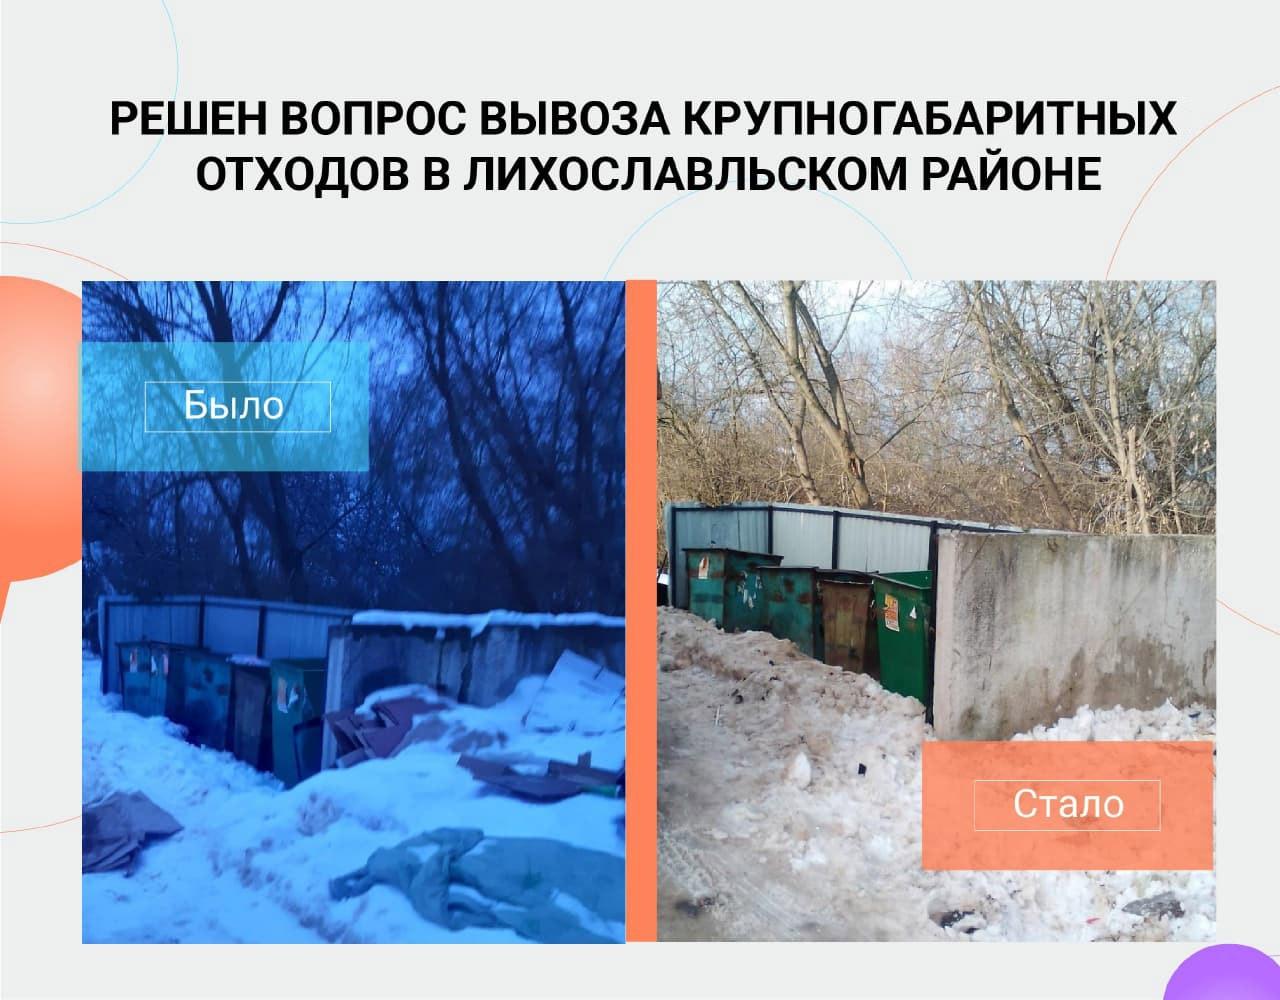 В Лихославльском районе мусор убрали после жалоб в соцсетях